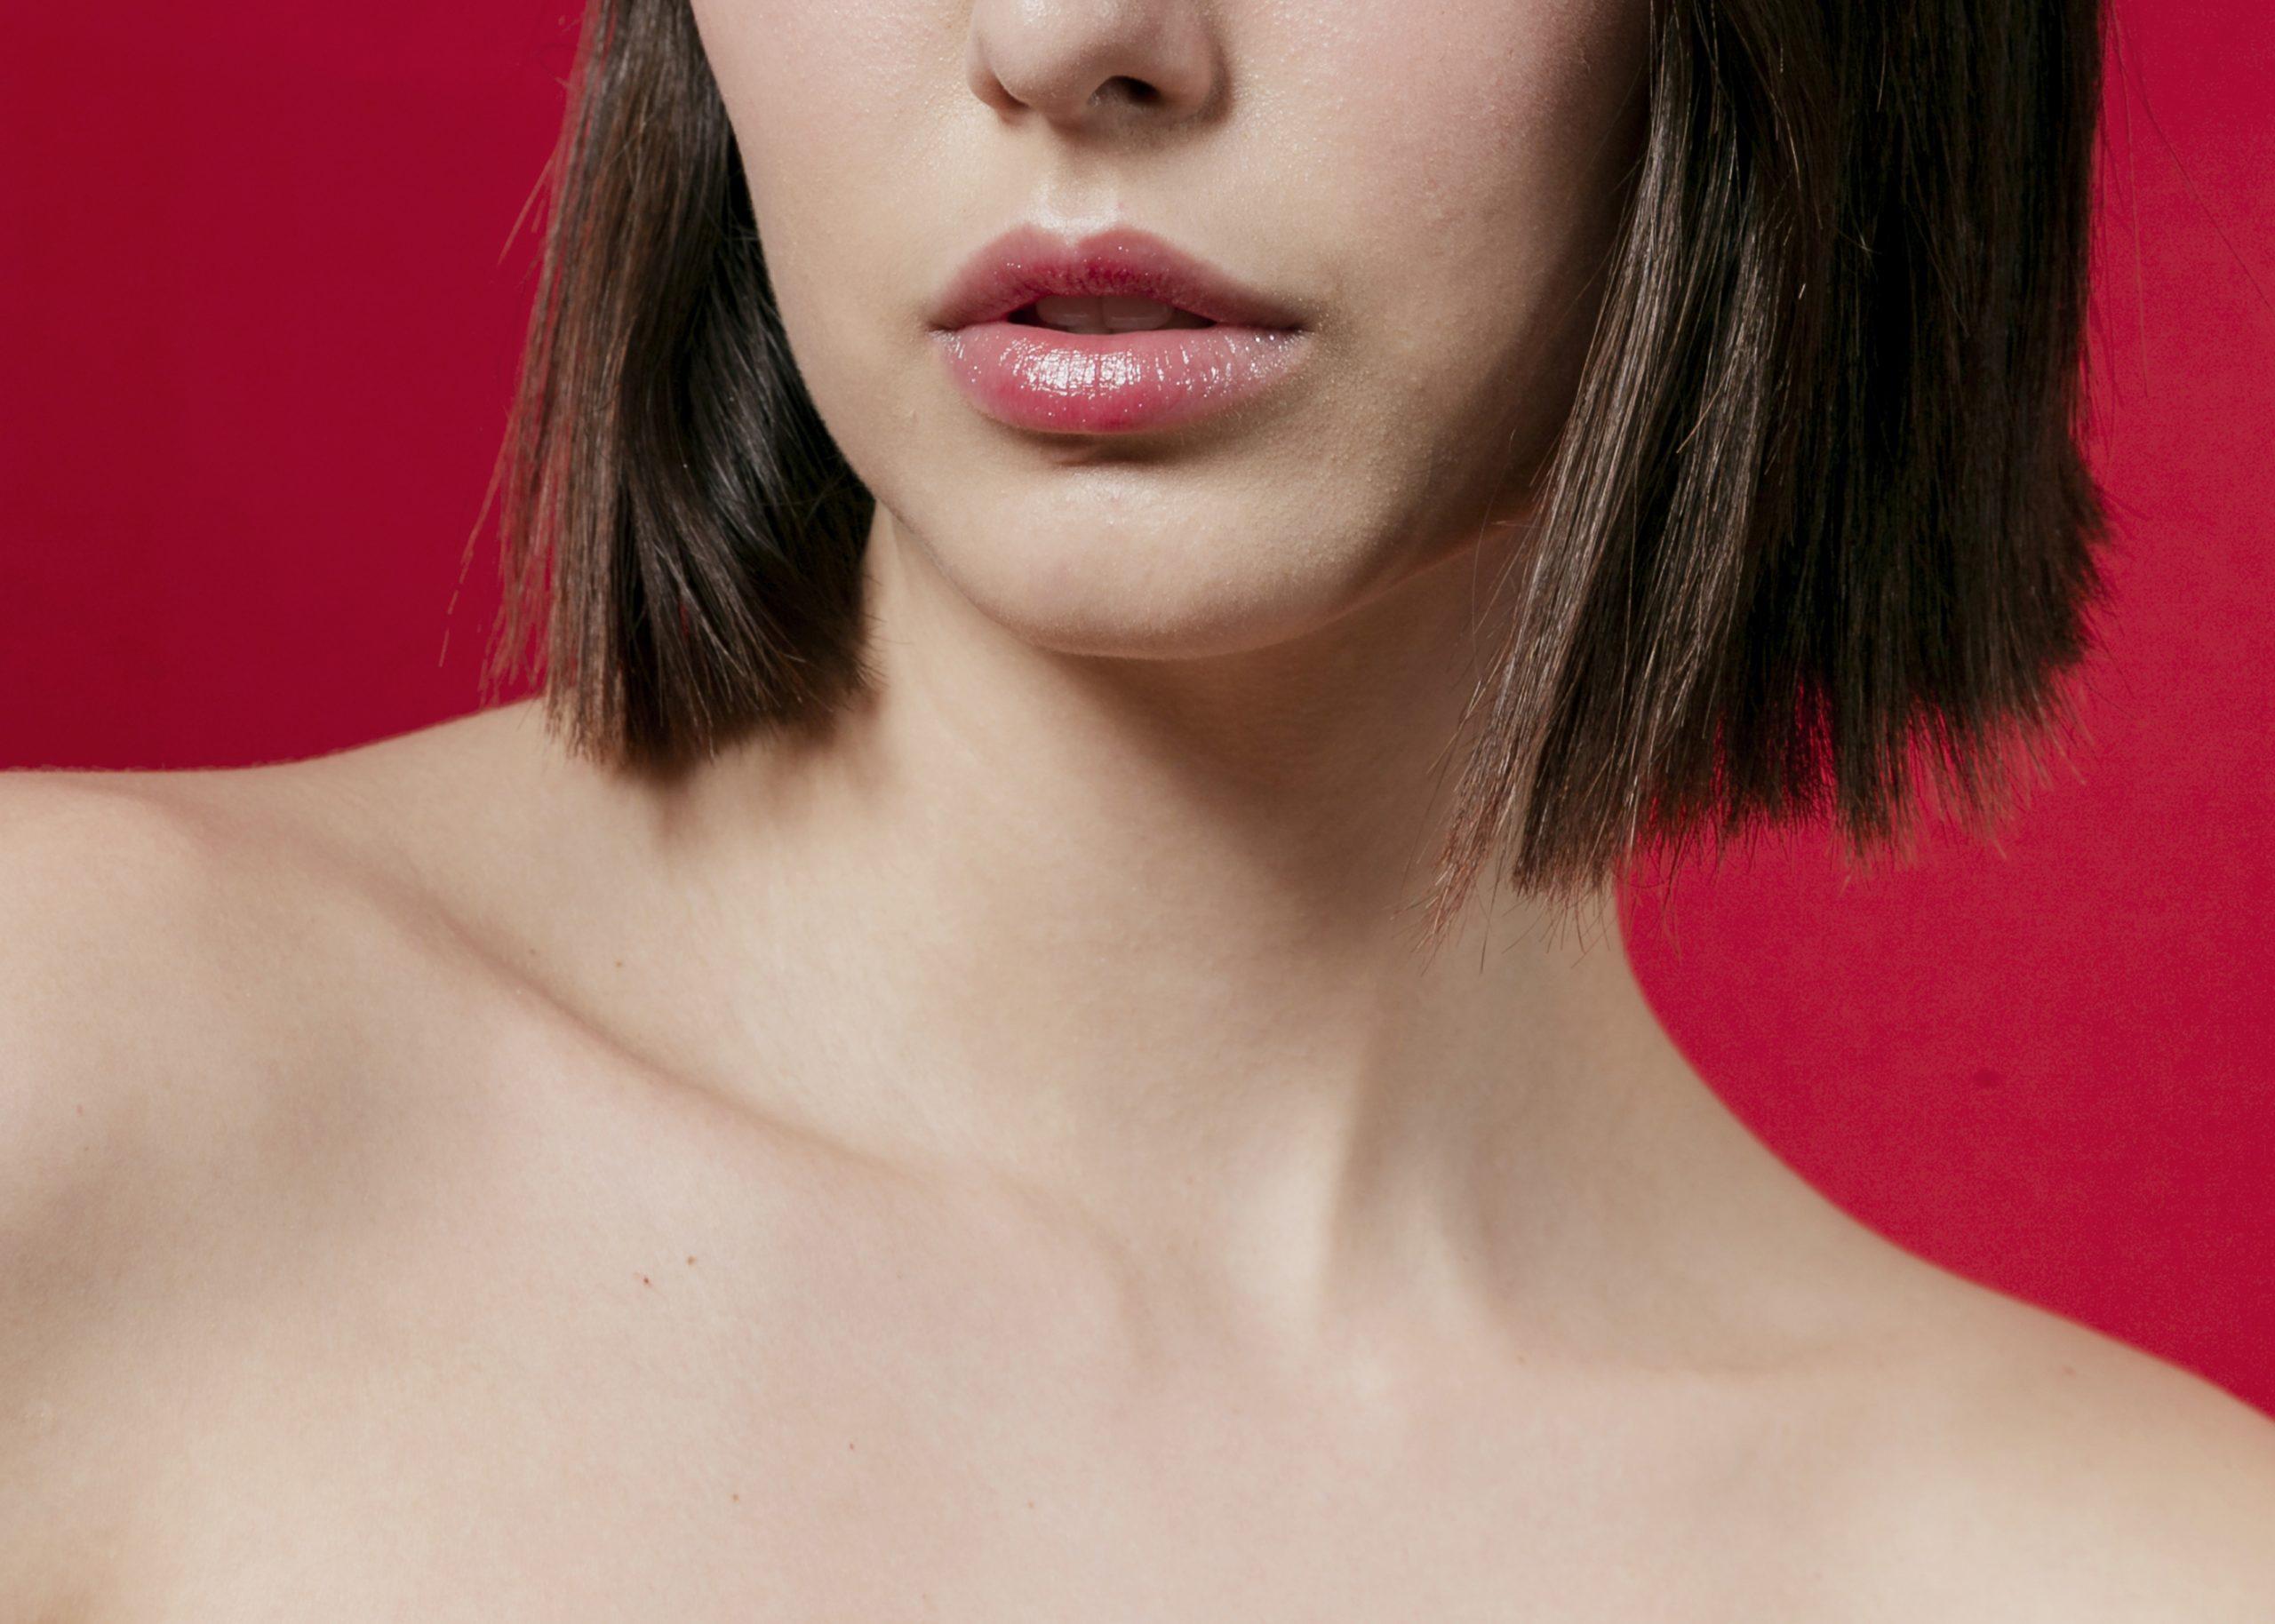 A qué se debe la formación de arrugas en el escote